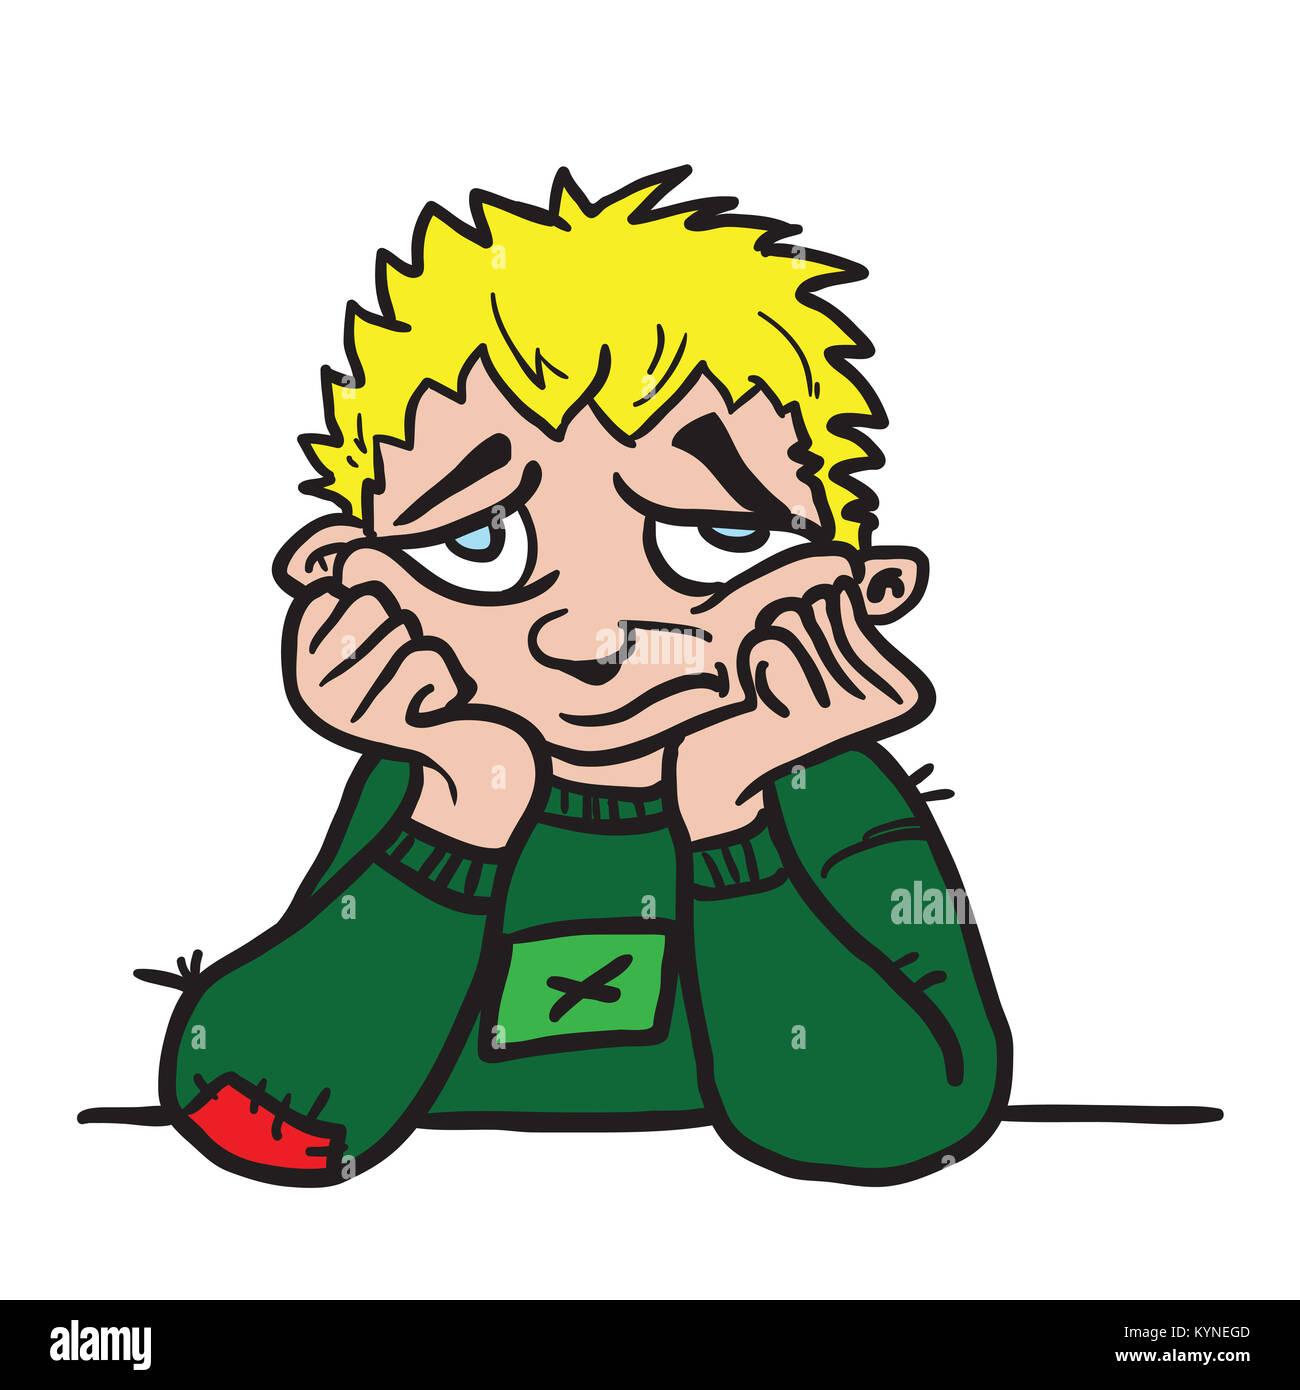 Sad Boy Cartoon Illustration Isolated On White Stock Photo